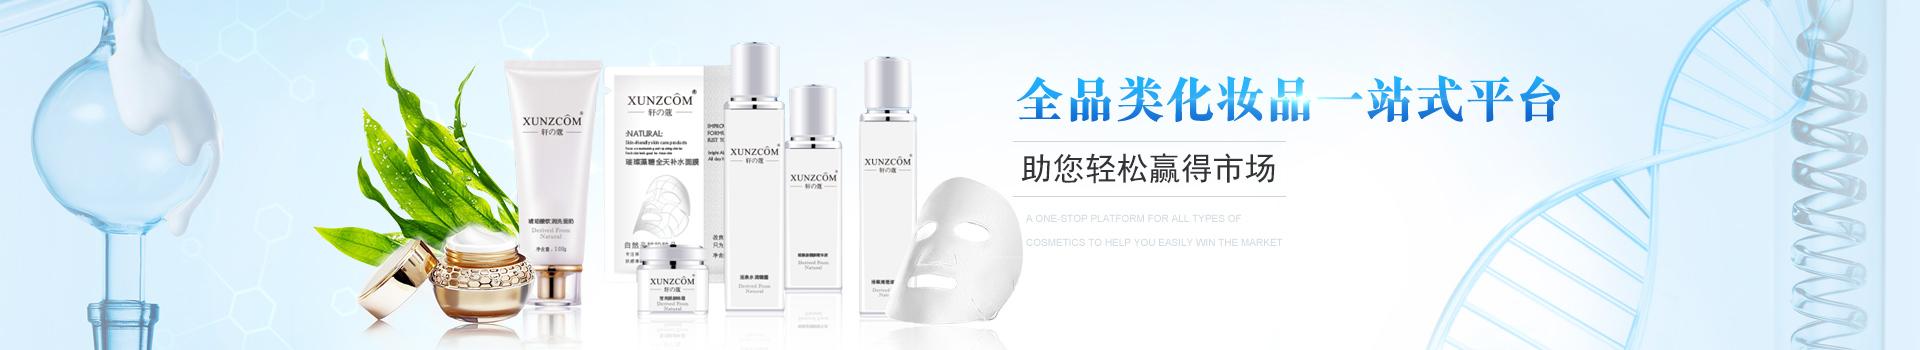 欧泉生化-中国化妆品ODM/OEM一站式制造服务商